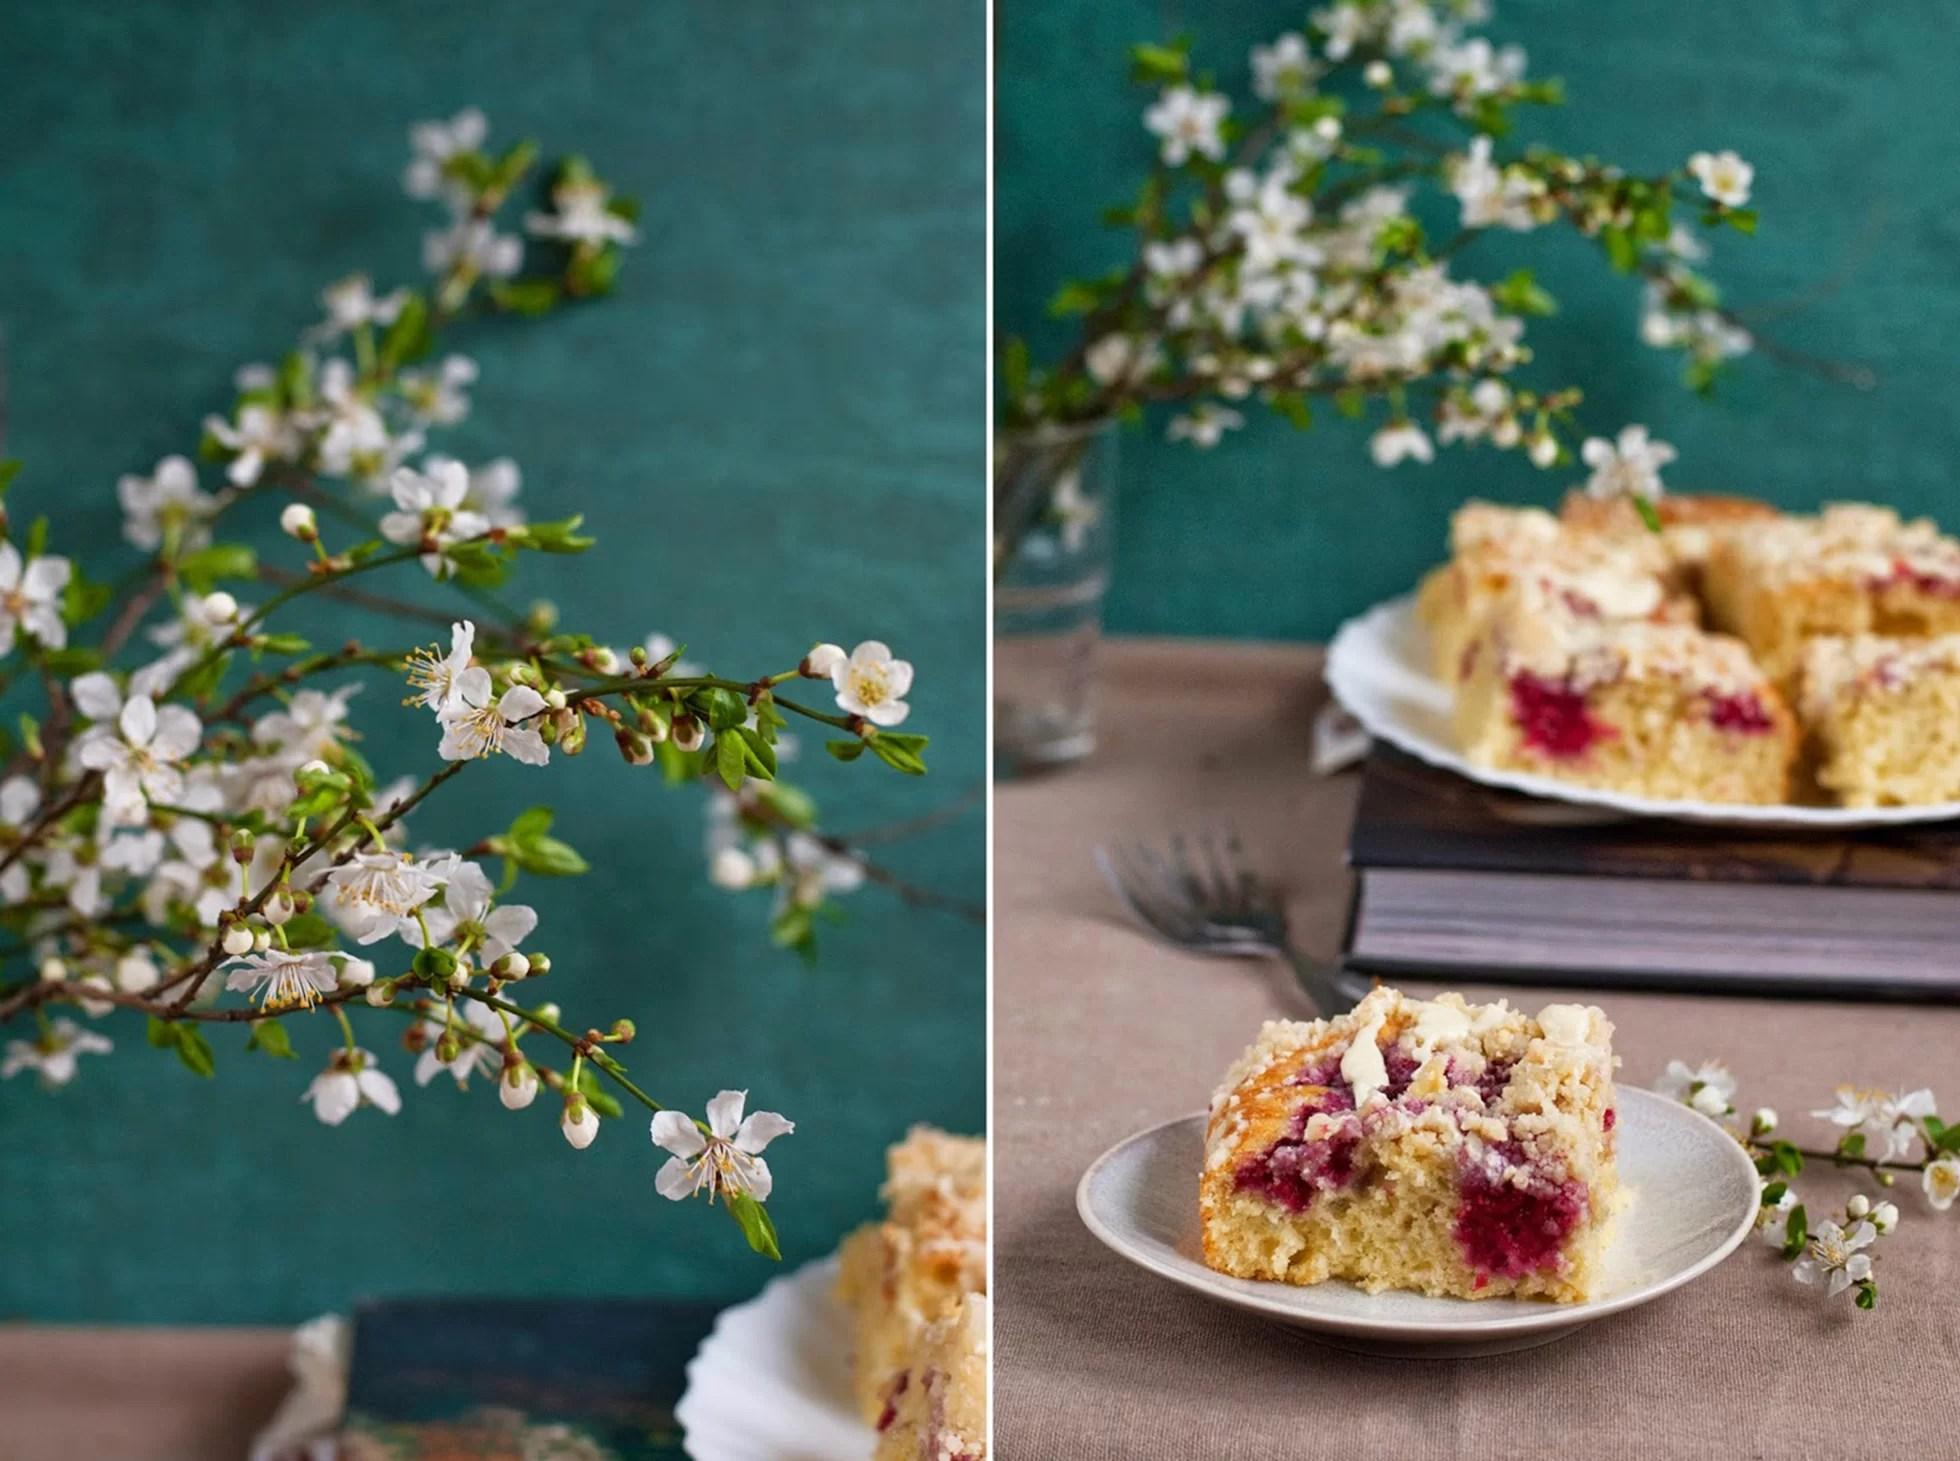 Ciasto na maślance z malinami